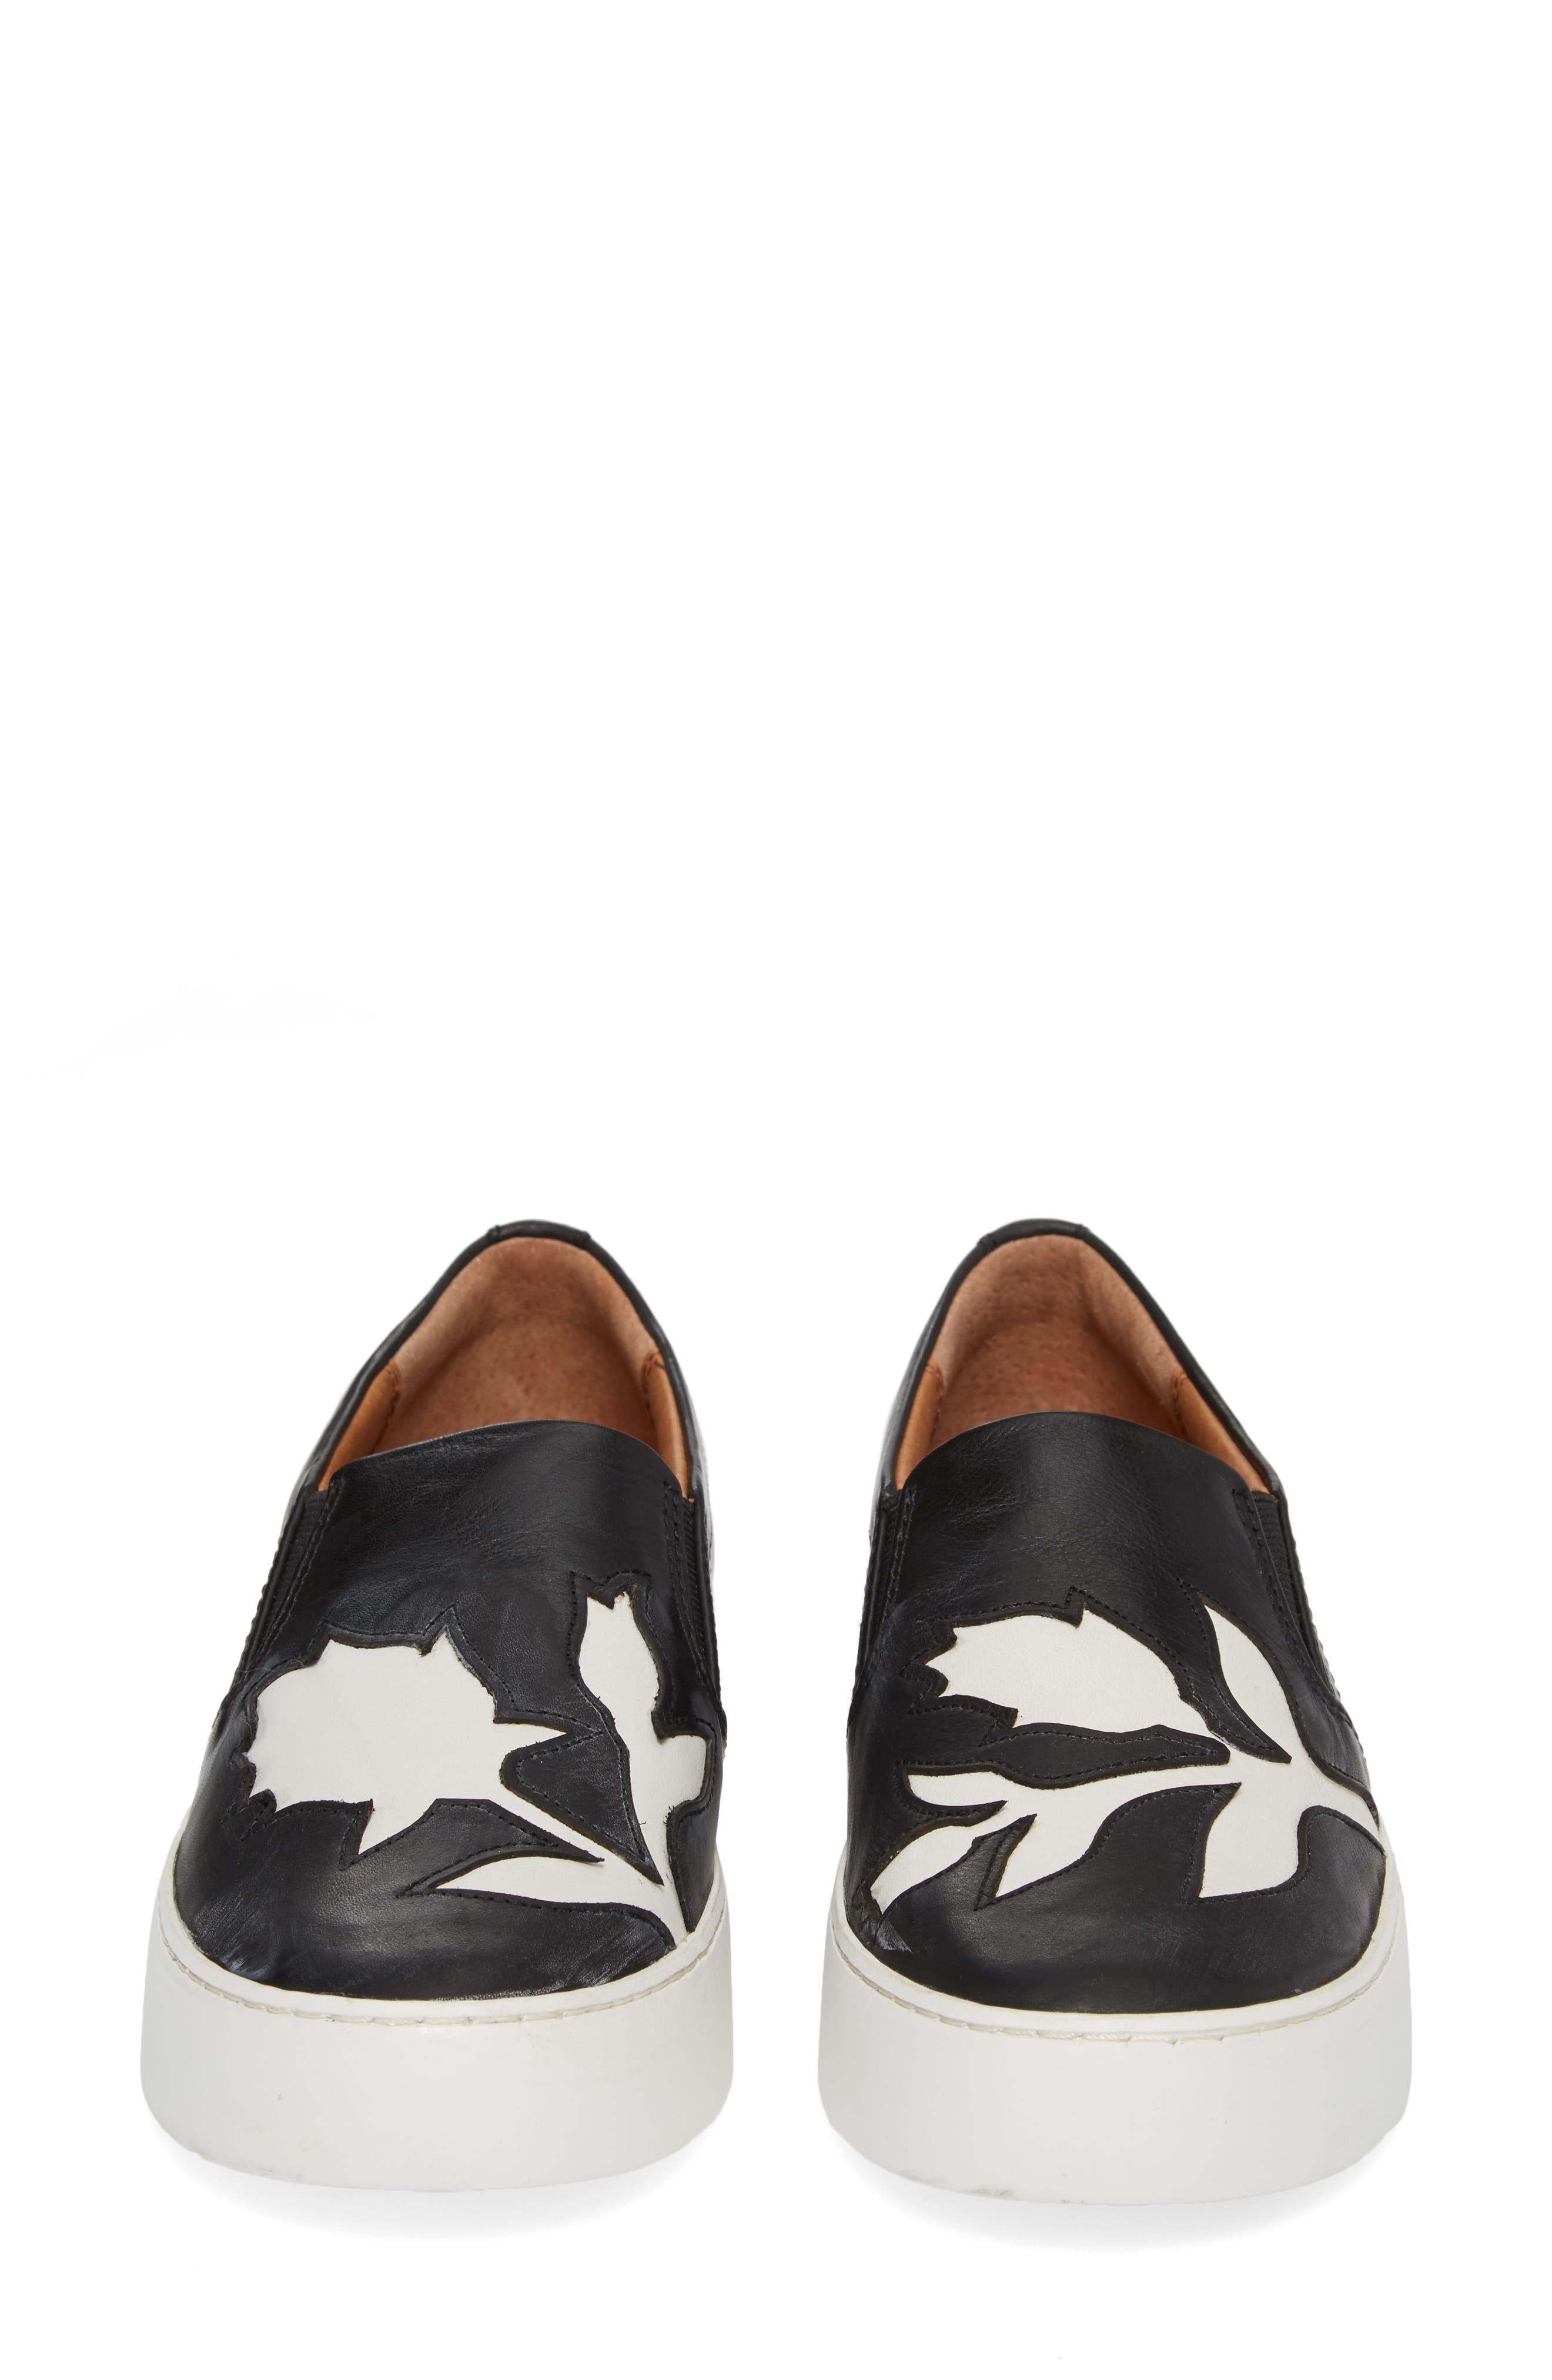 Lena Floral Slip-On Sneaker,                             Alternate thumbnail 5, color,                             001